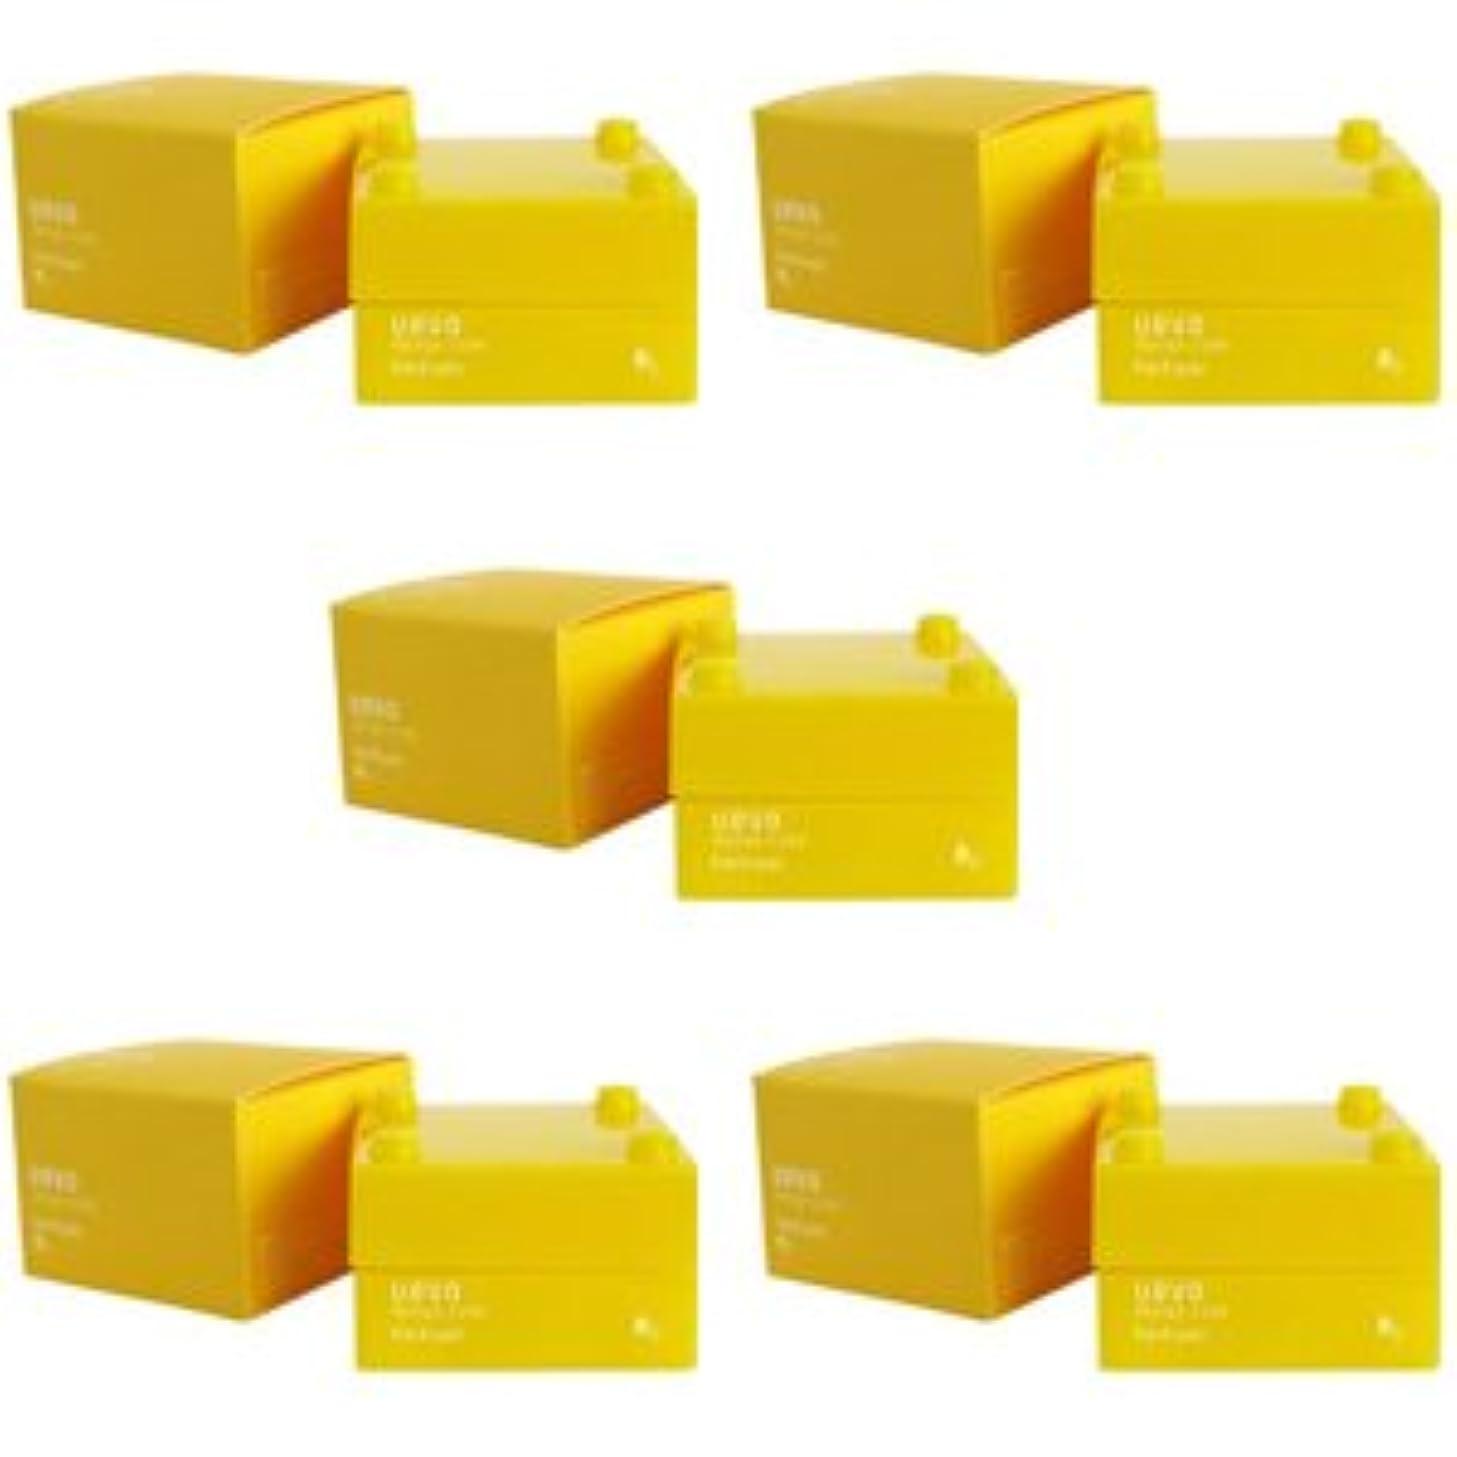 系統的情熱弾性【X5個セット】 デミ ウェーボ デザインキューブ ハードワックス 30g hard wax DEMI uevo design cube